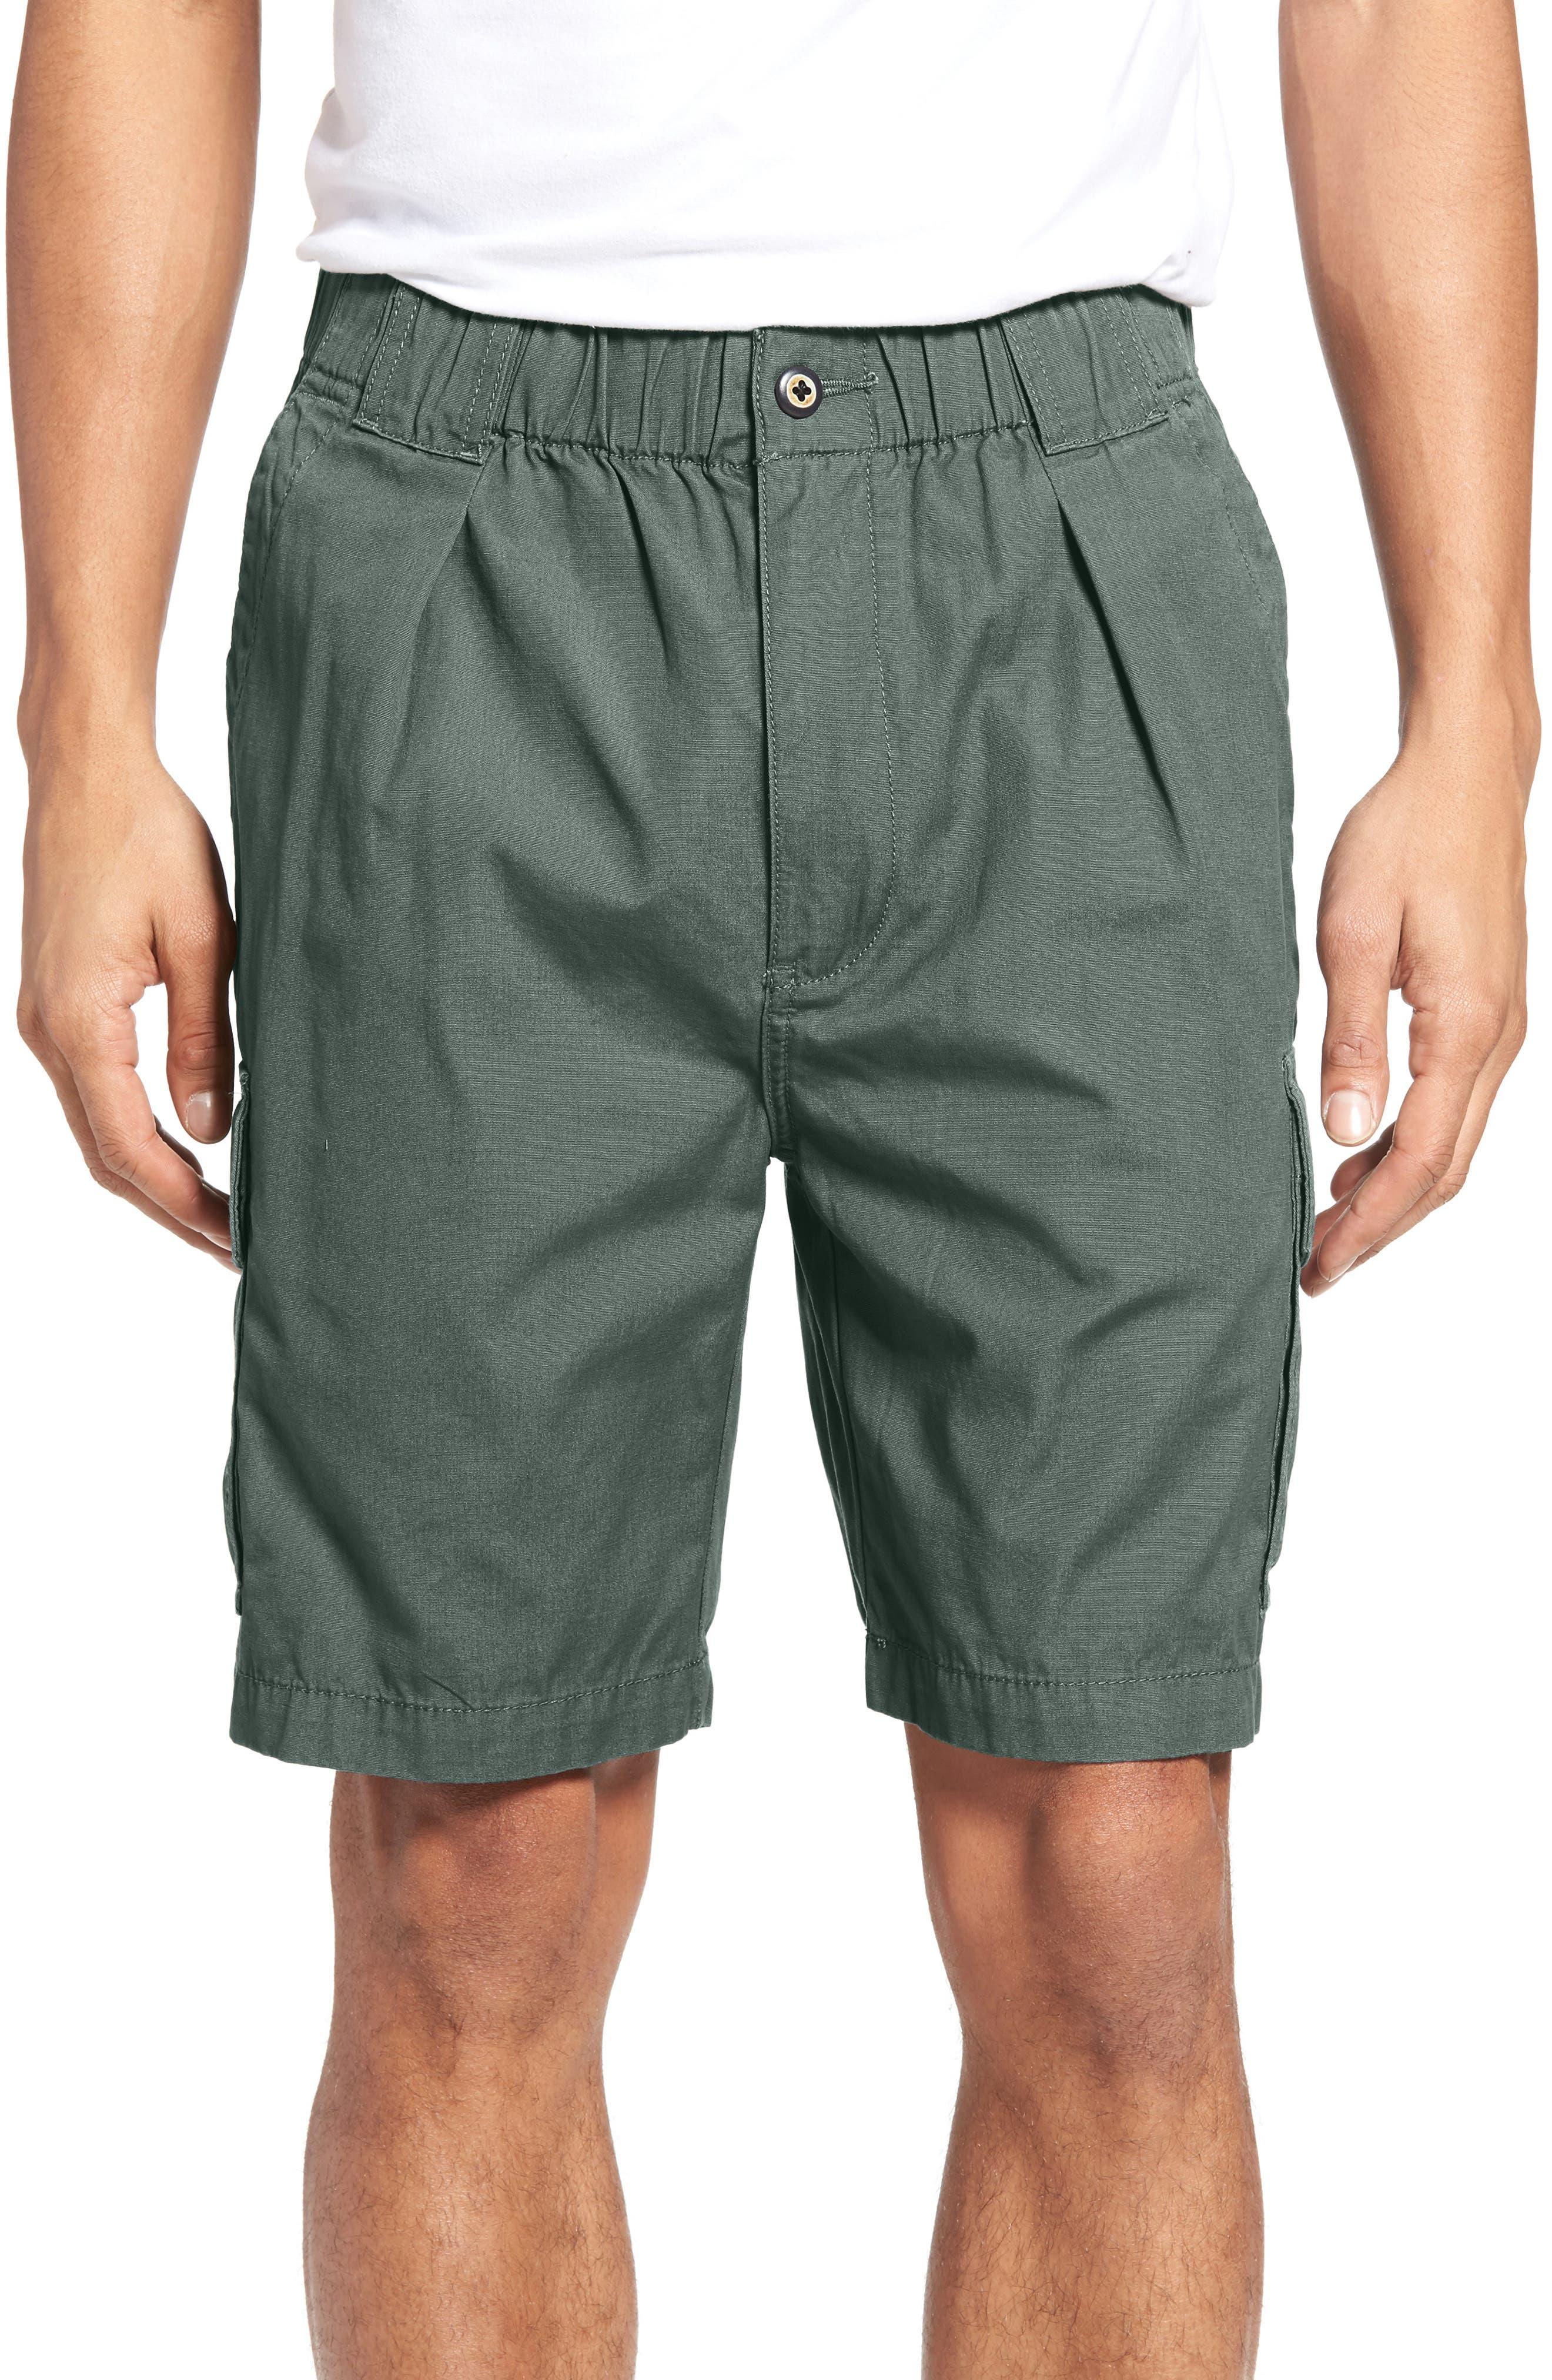 TOMMY BAHAMA 'Survivor' Cargo Shorts